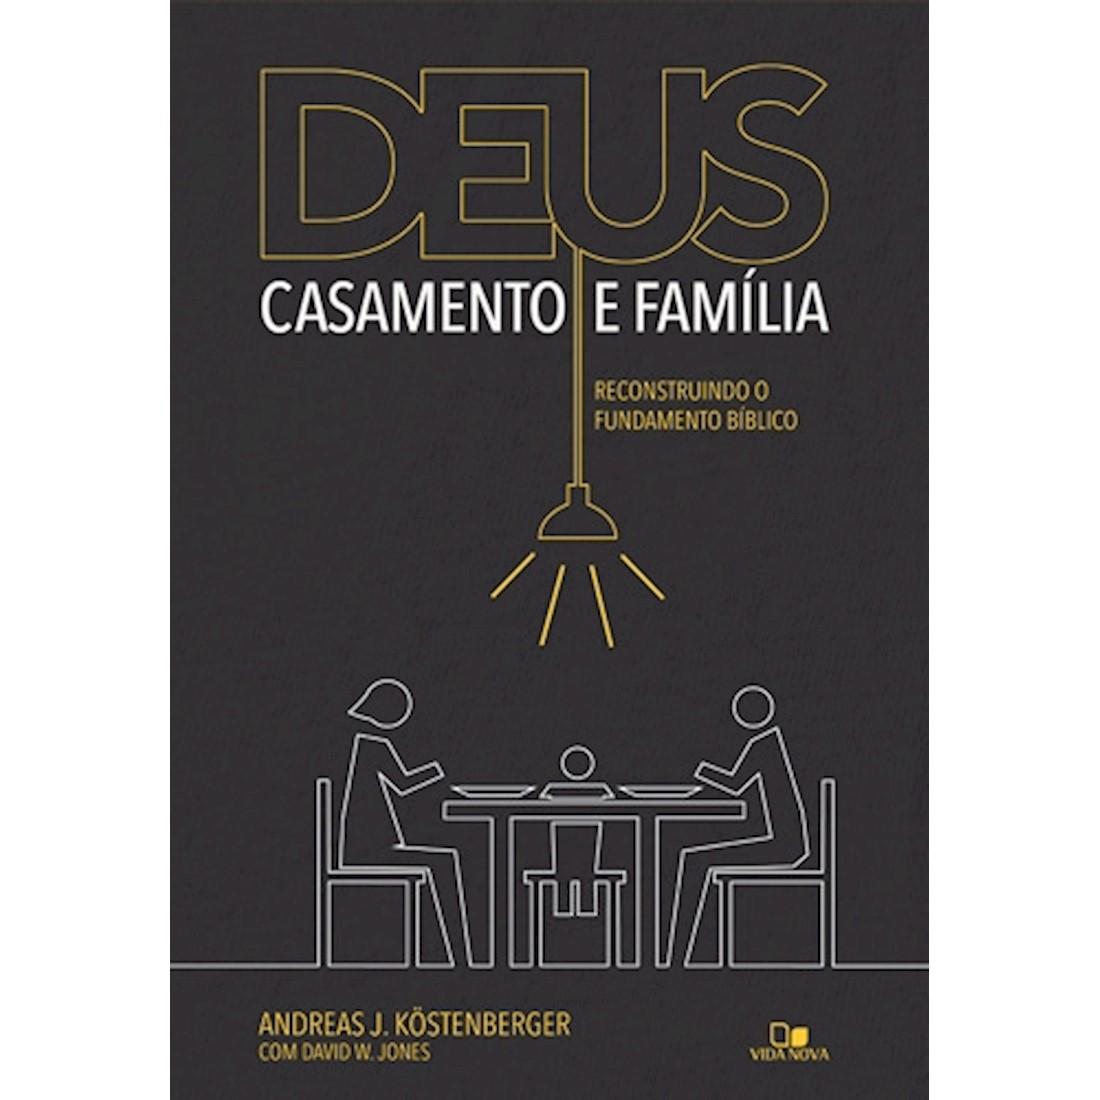 Livro Deus, Casamento e Família